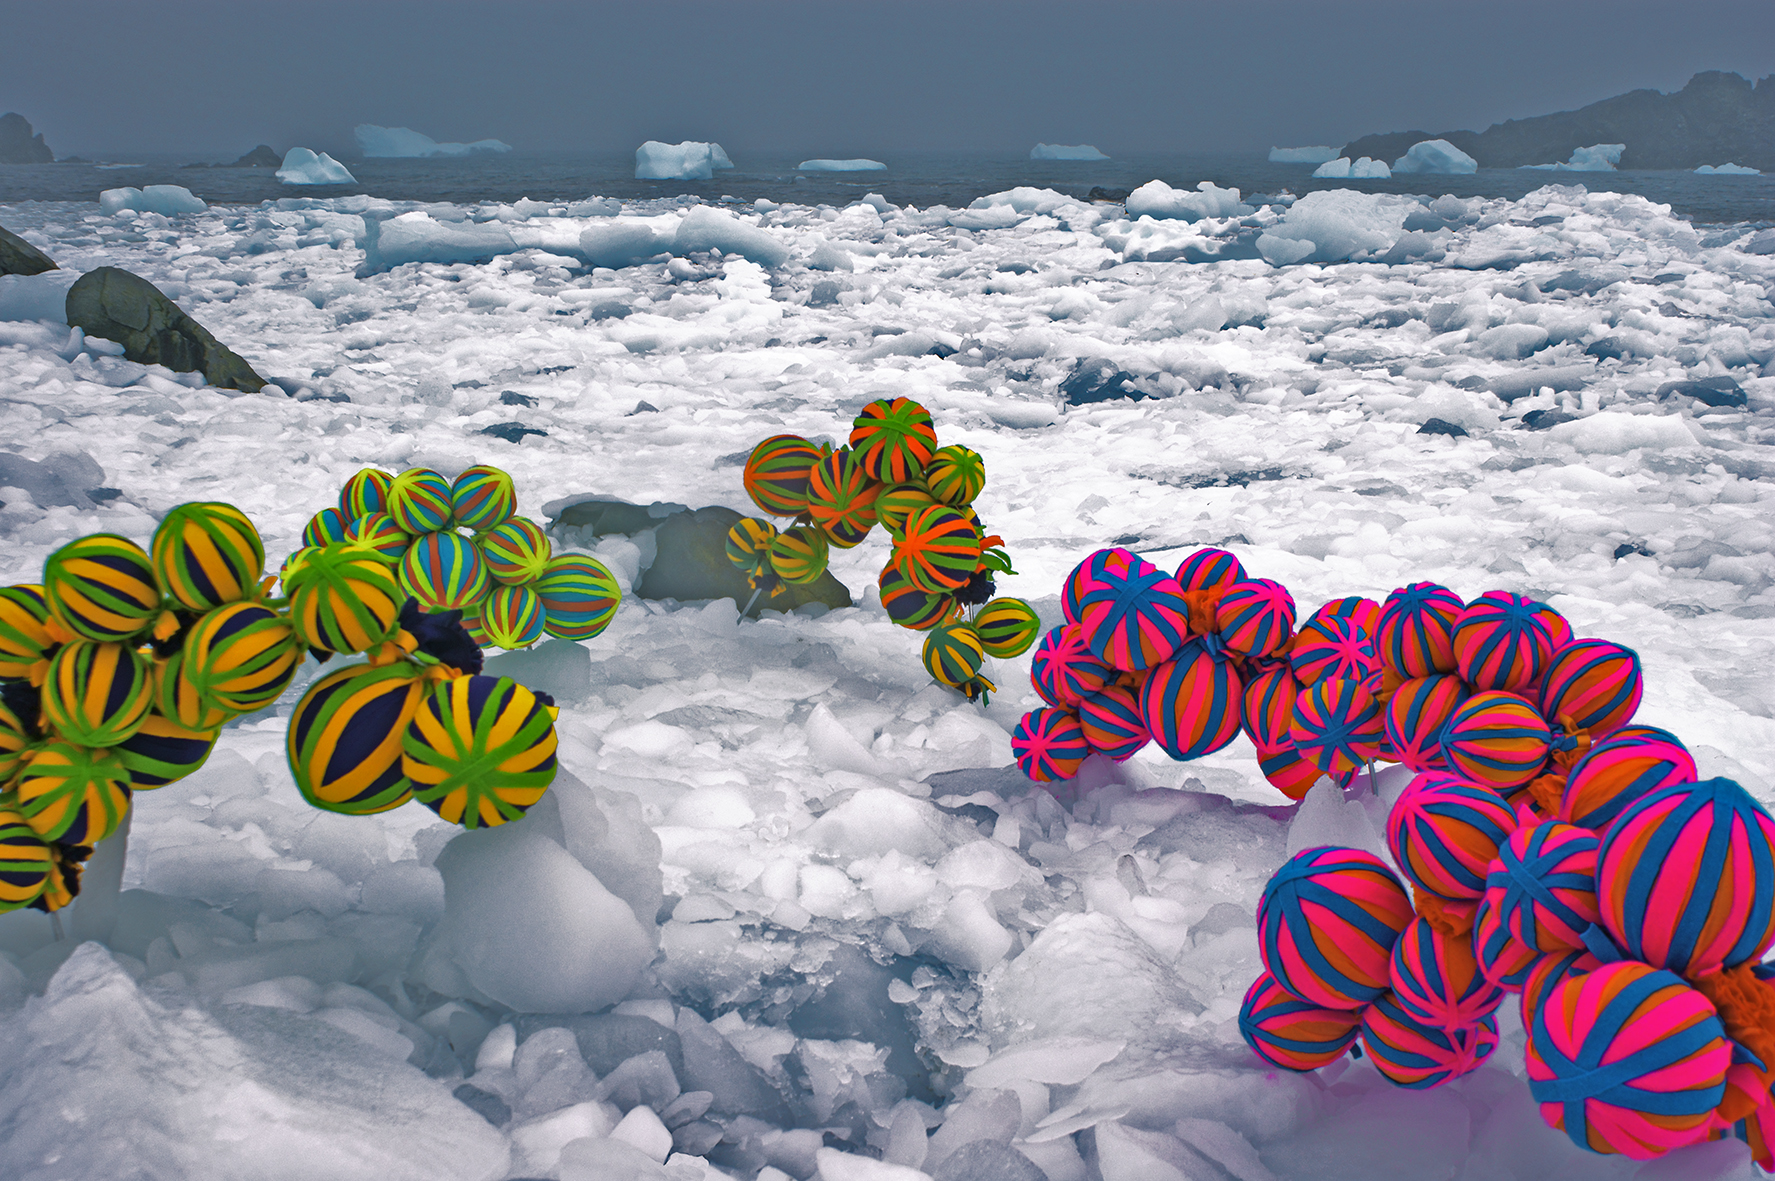 Andrea Juan - New Species IV - SOOC Photo - Antarctica 2011